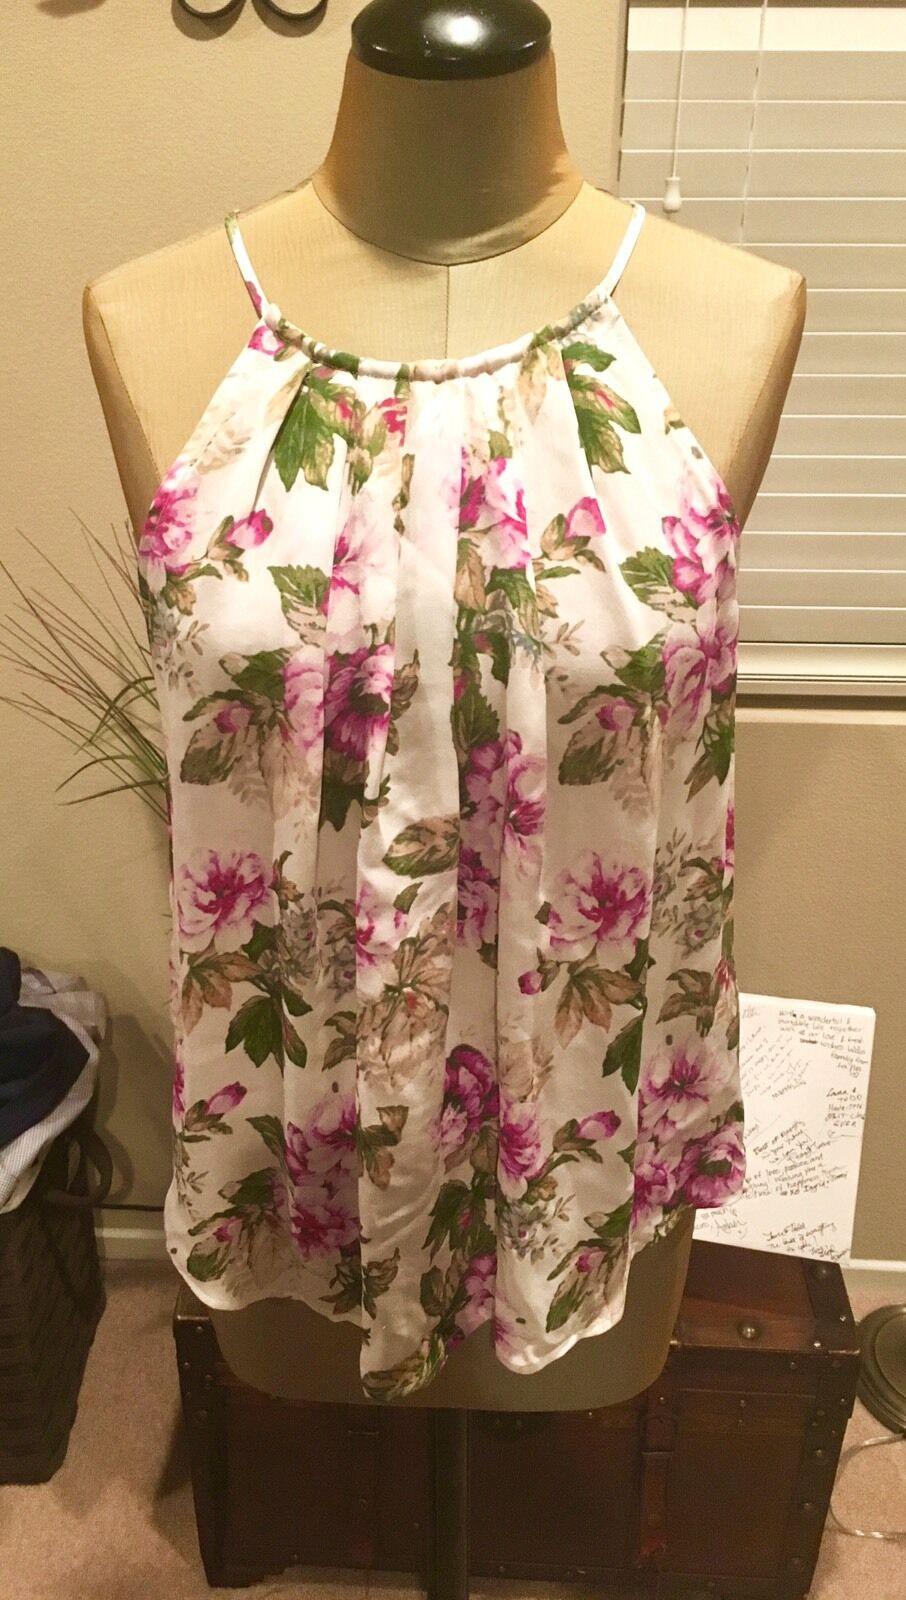 Gorgeous Joie Floral Blouse Größe Medium NWOT